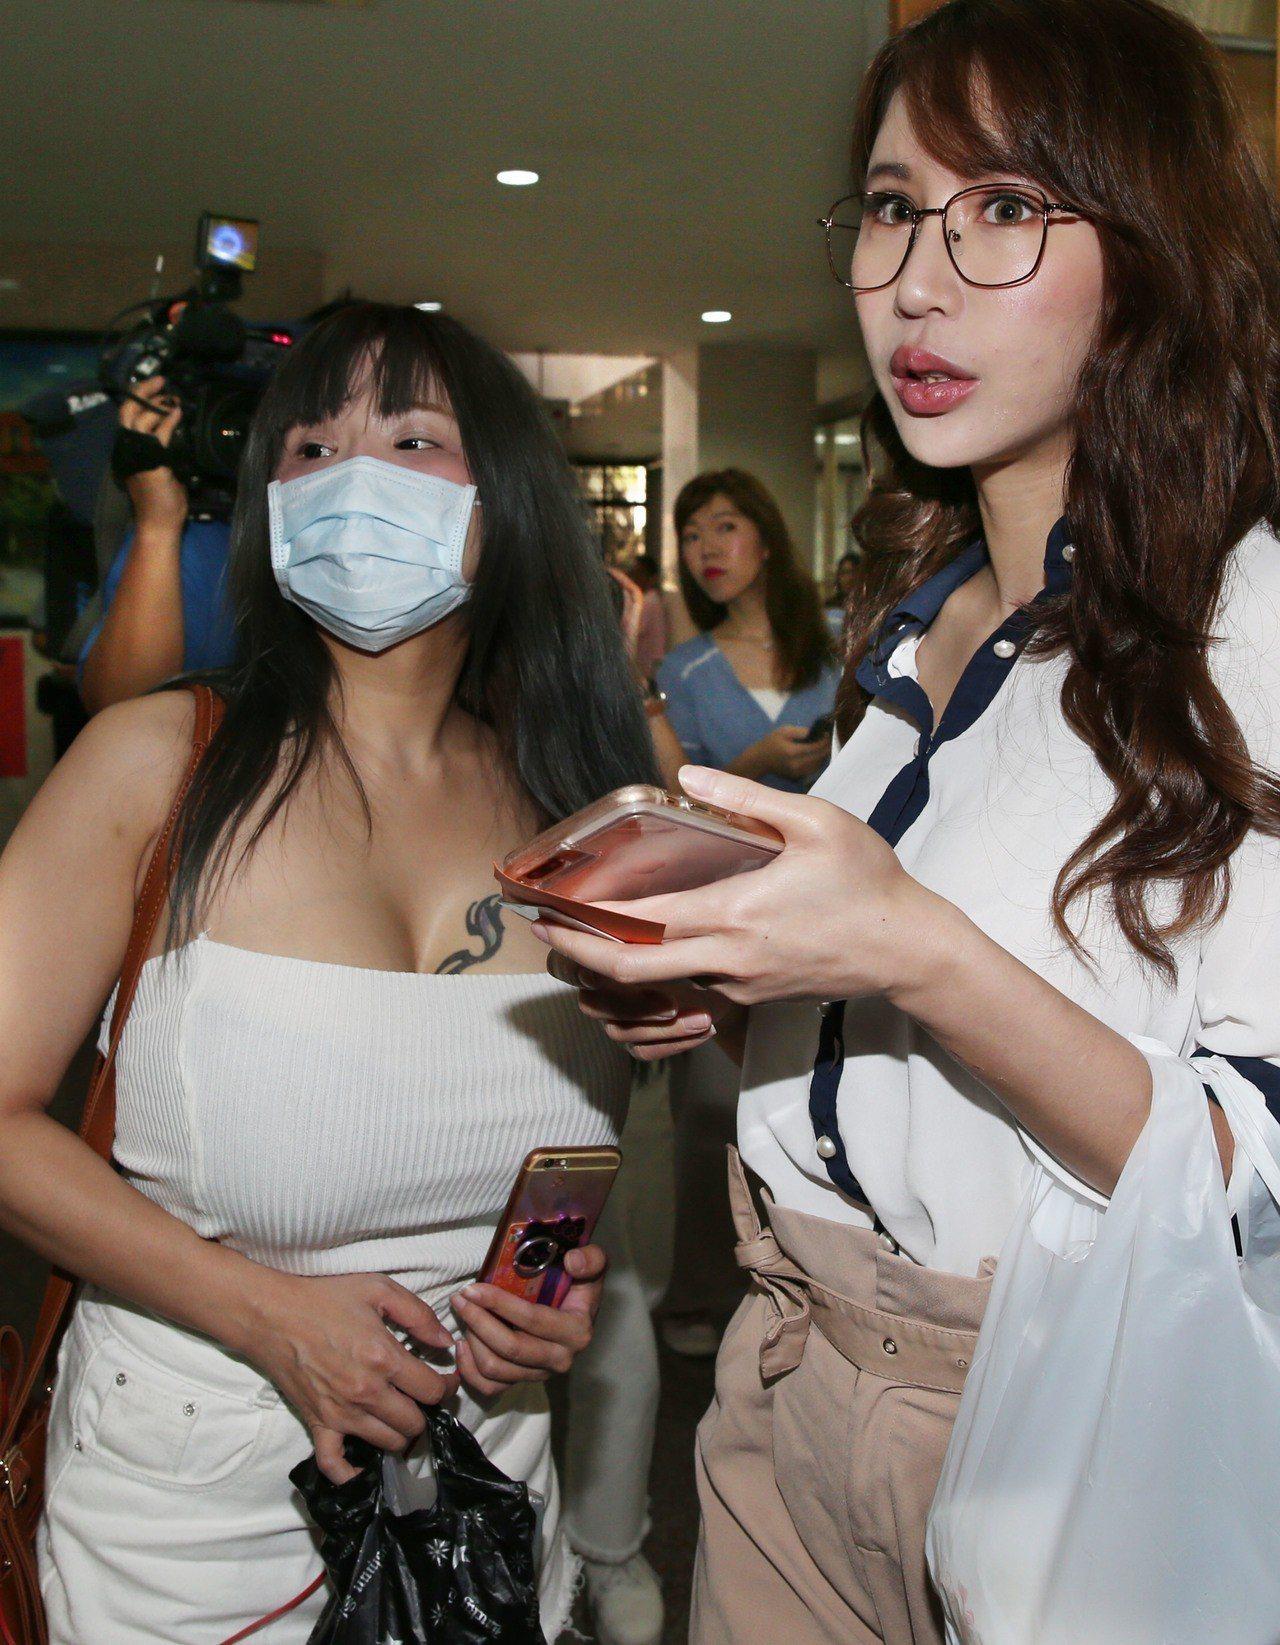 辛尤里(戴眼鏡者)今天為控告網友公然侮辱出庭,她的女性友人(戴口罩者)穿著更吸睛...